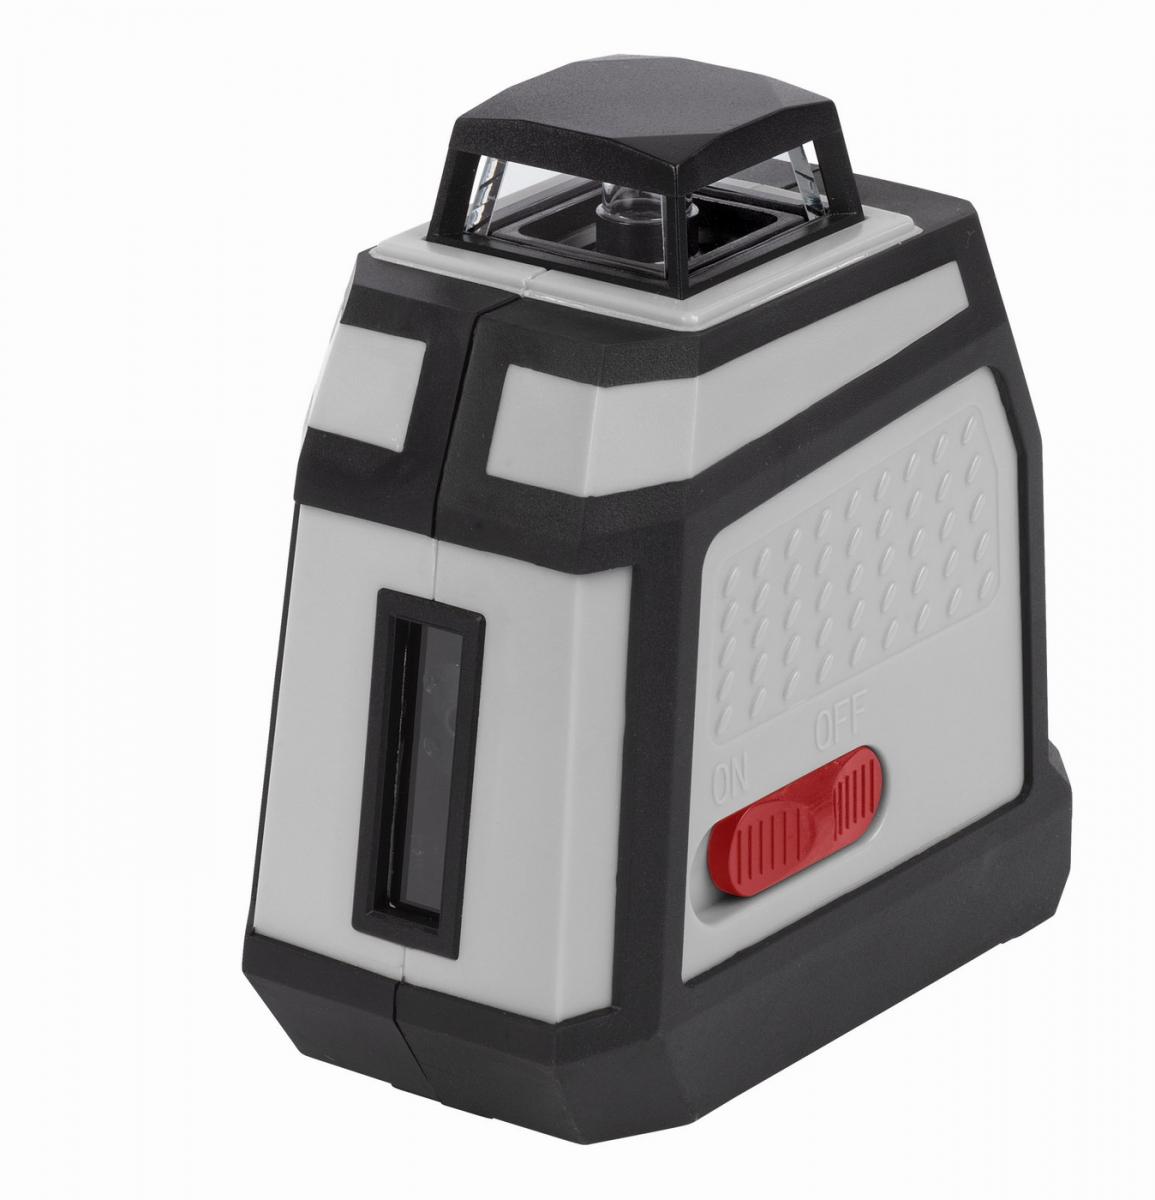 KREATOR KRT706320 Křížový laser 360°